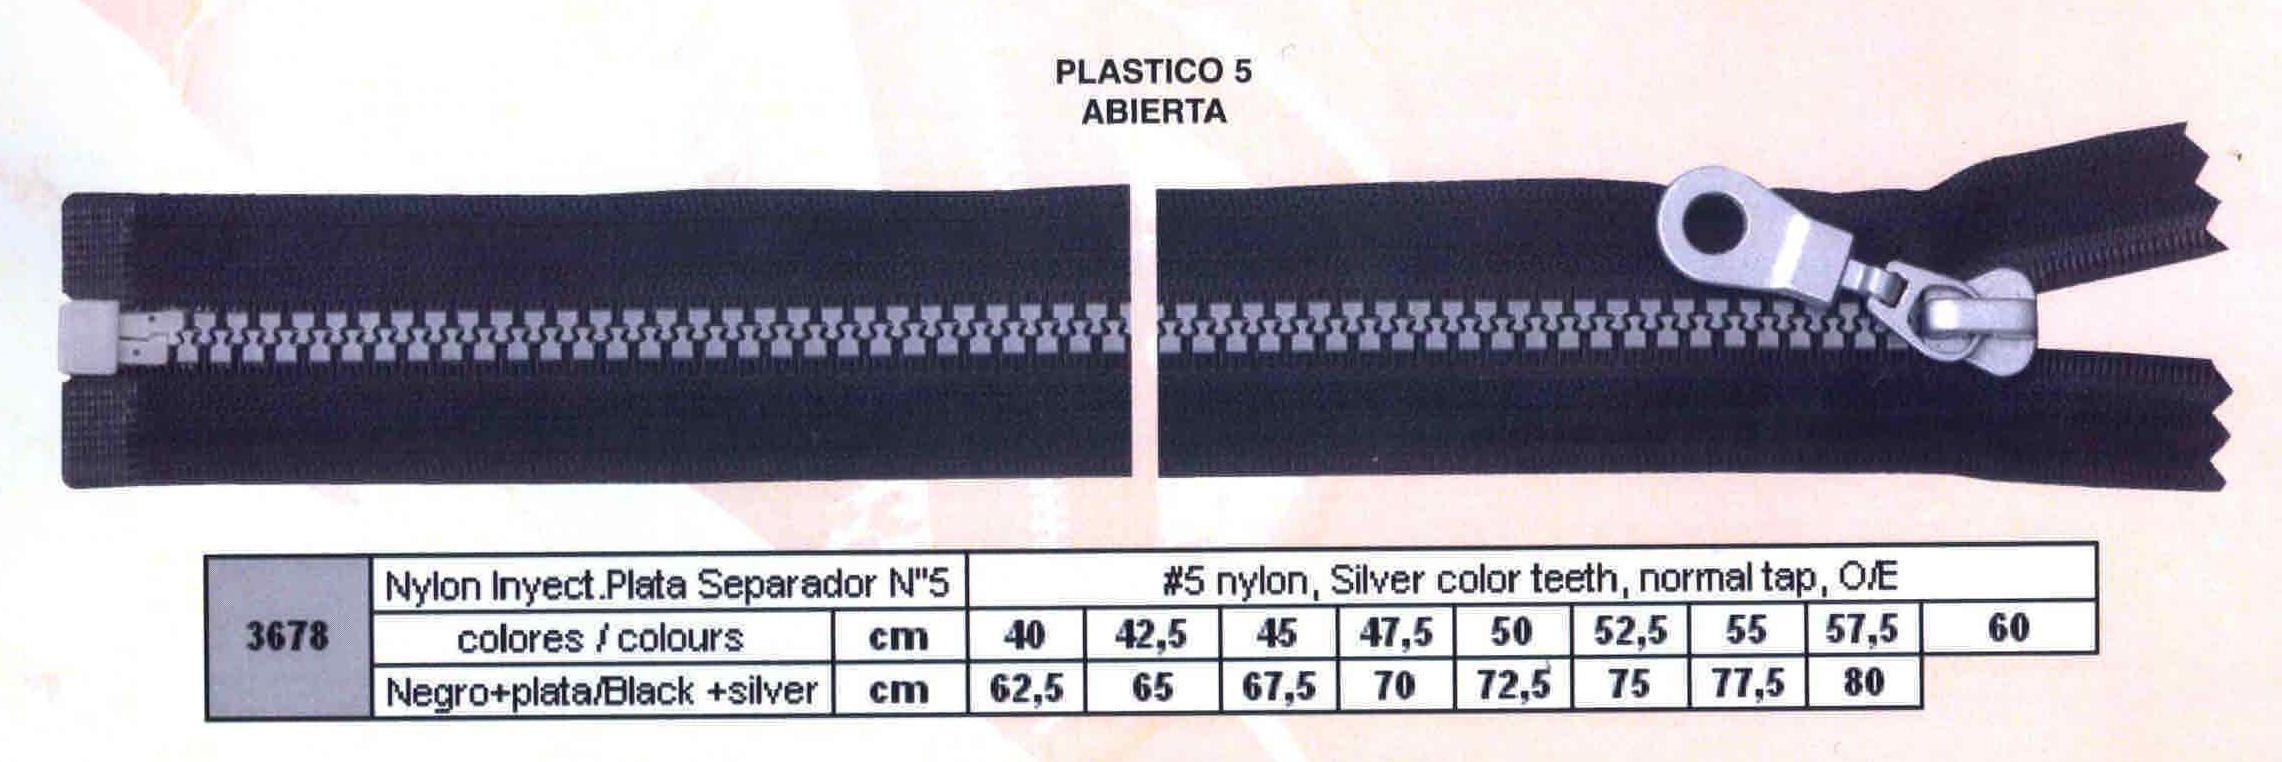 Cremallera SNS Nylon Inyectada Plata Separador num. 5